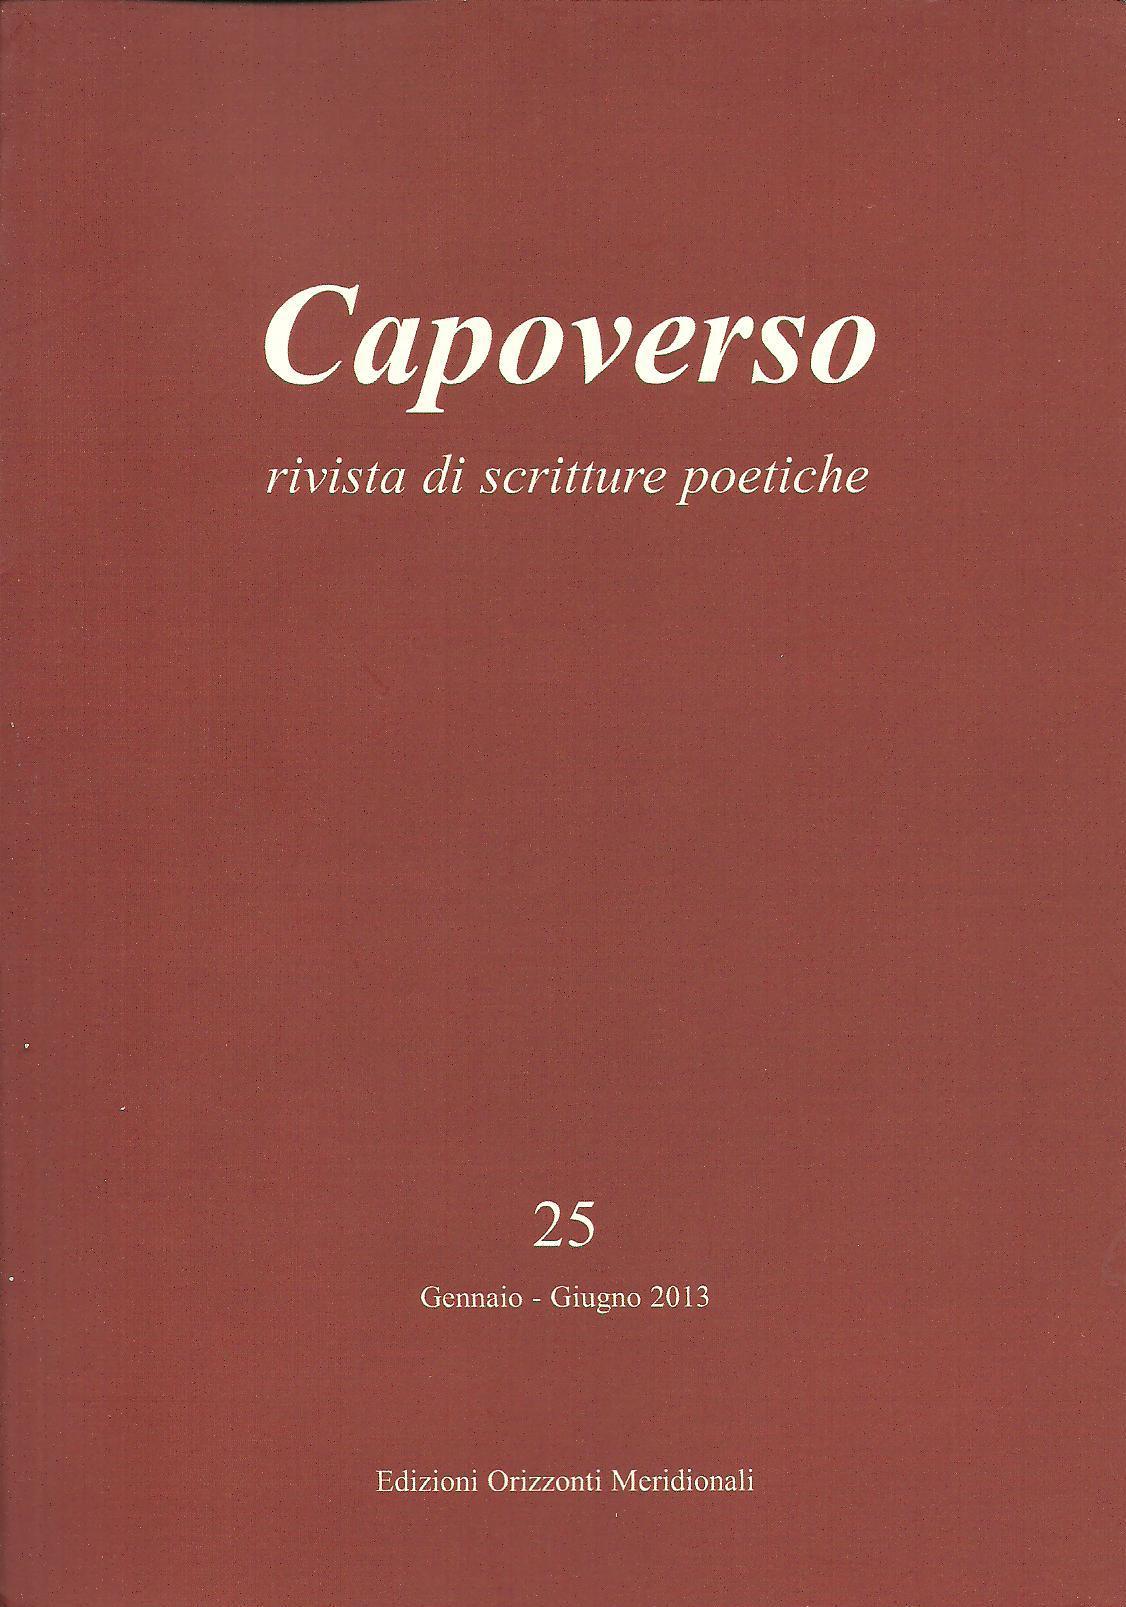 Capoverso_4 poesie